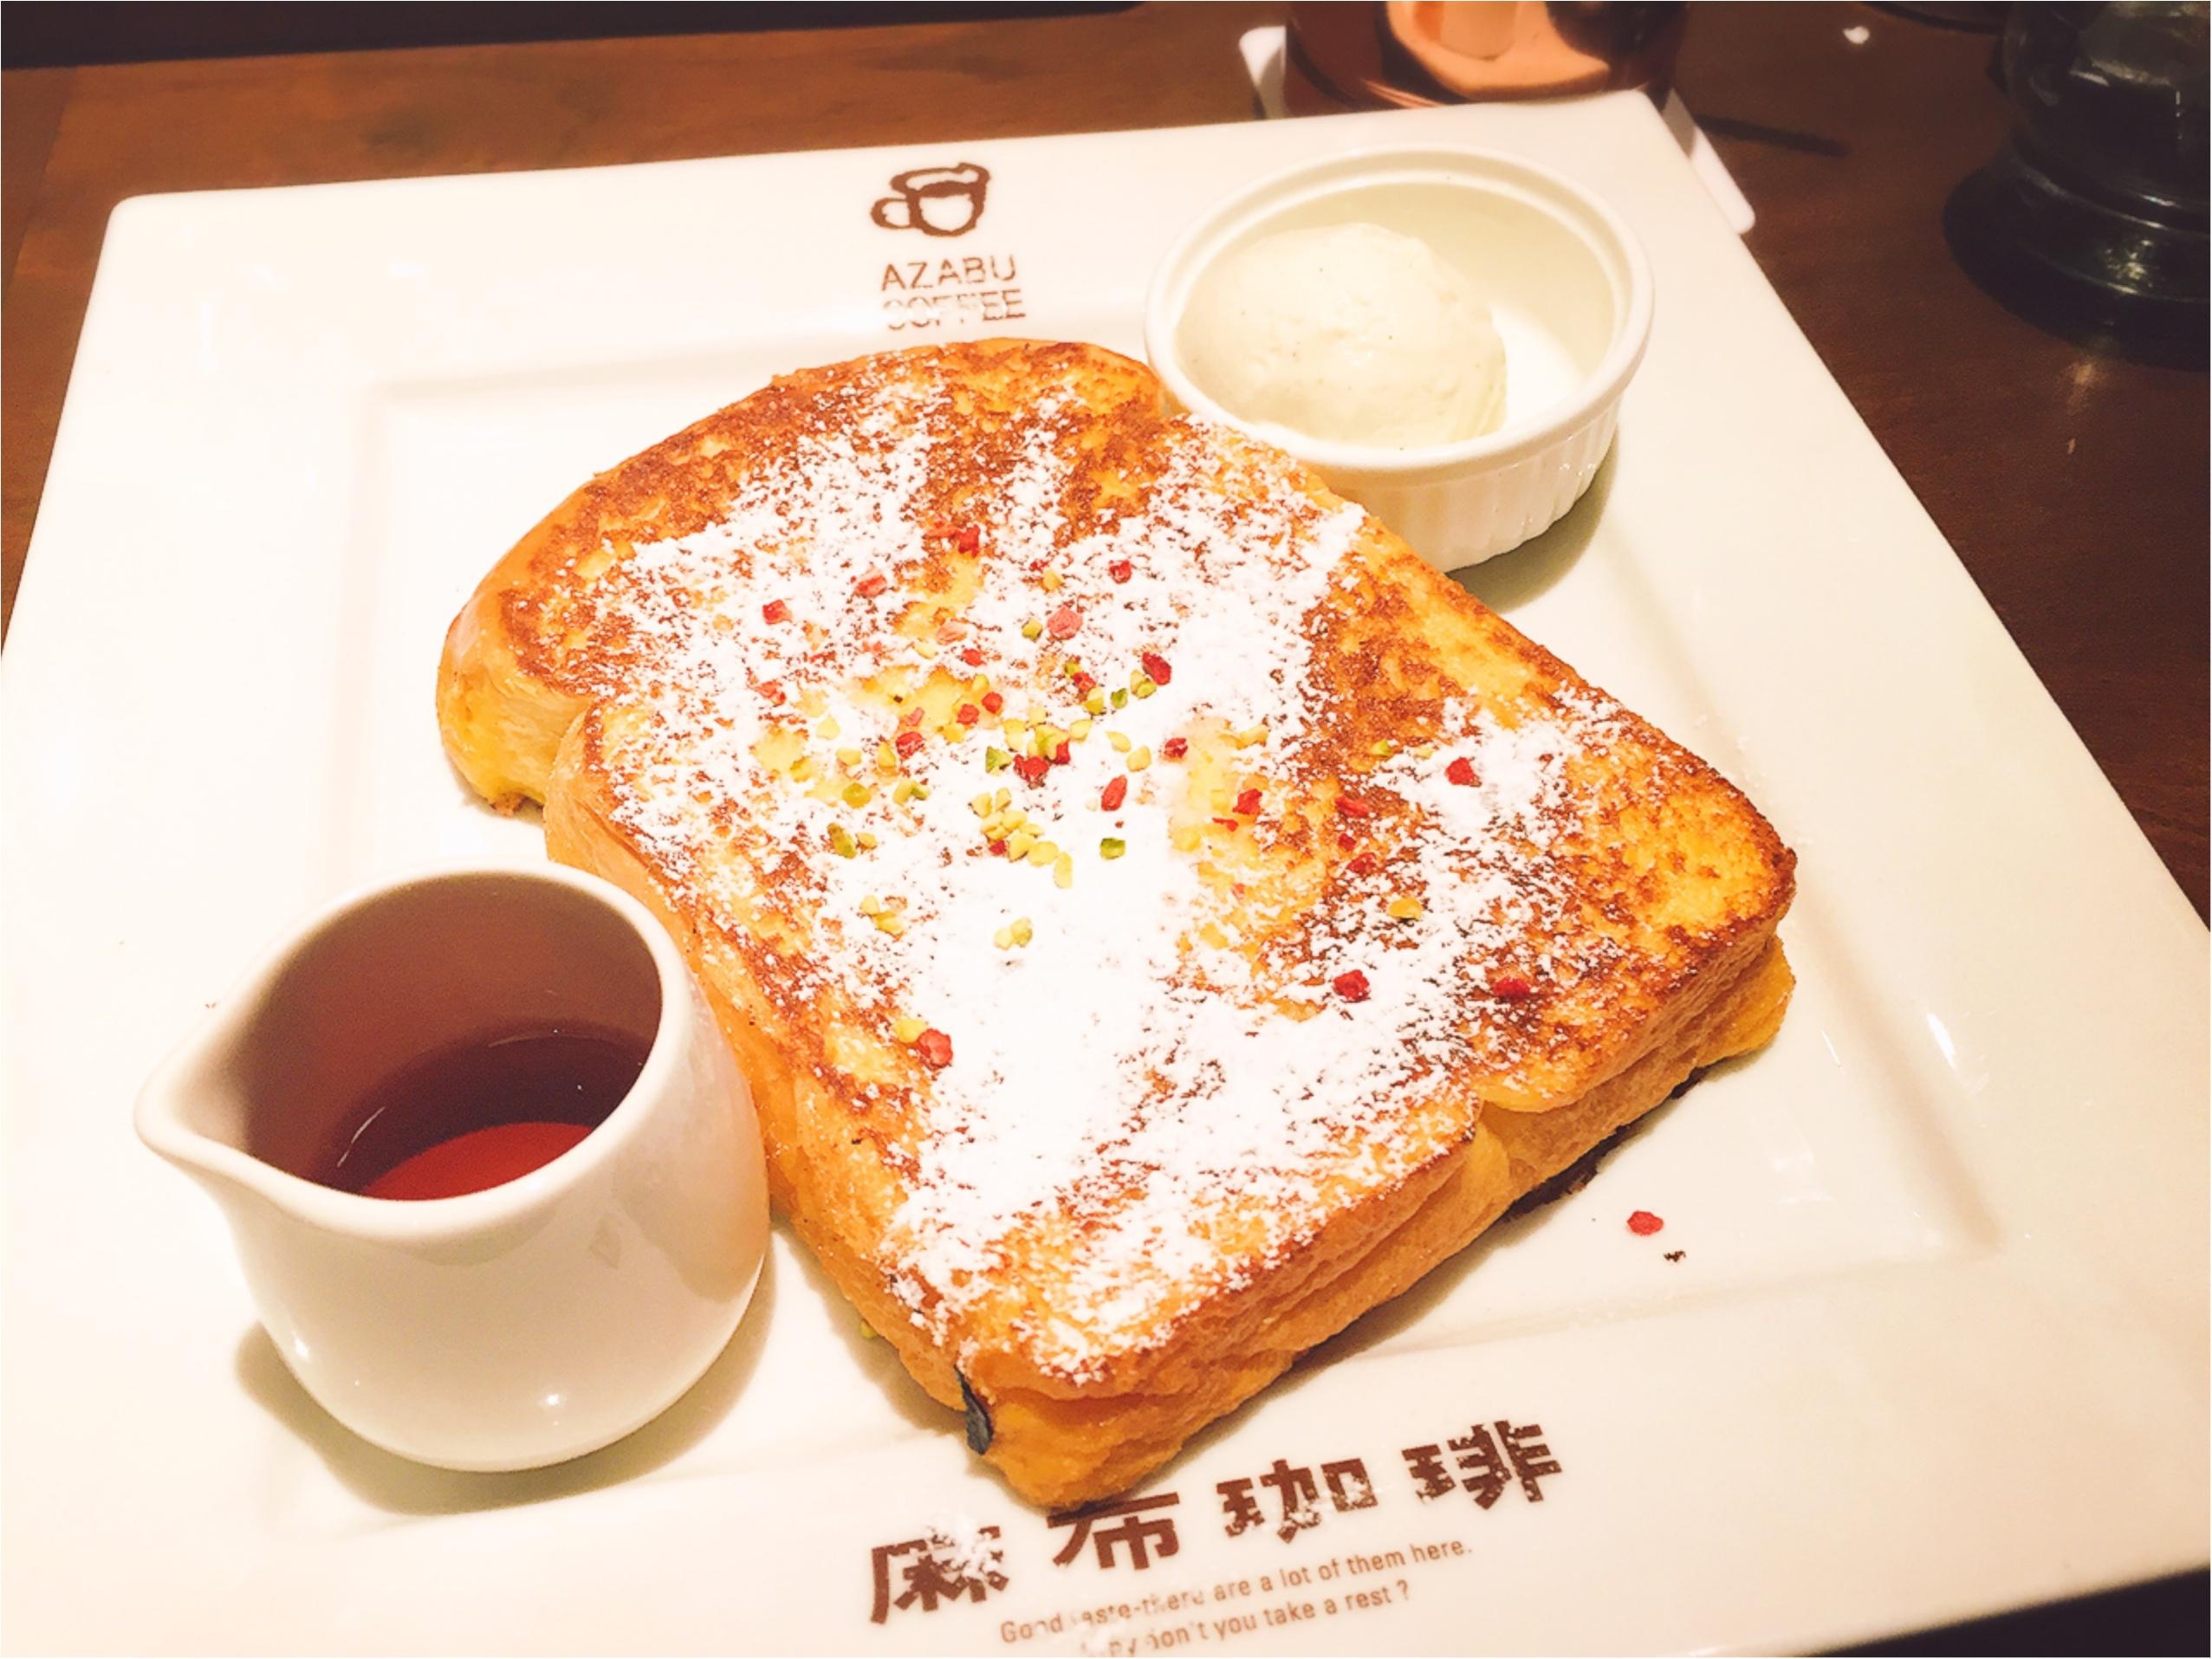 《朝活のすすめ》ちょっと早起きして美味しいフレンチトーストを食べに行きませんか?_1